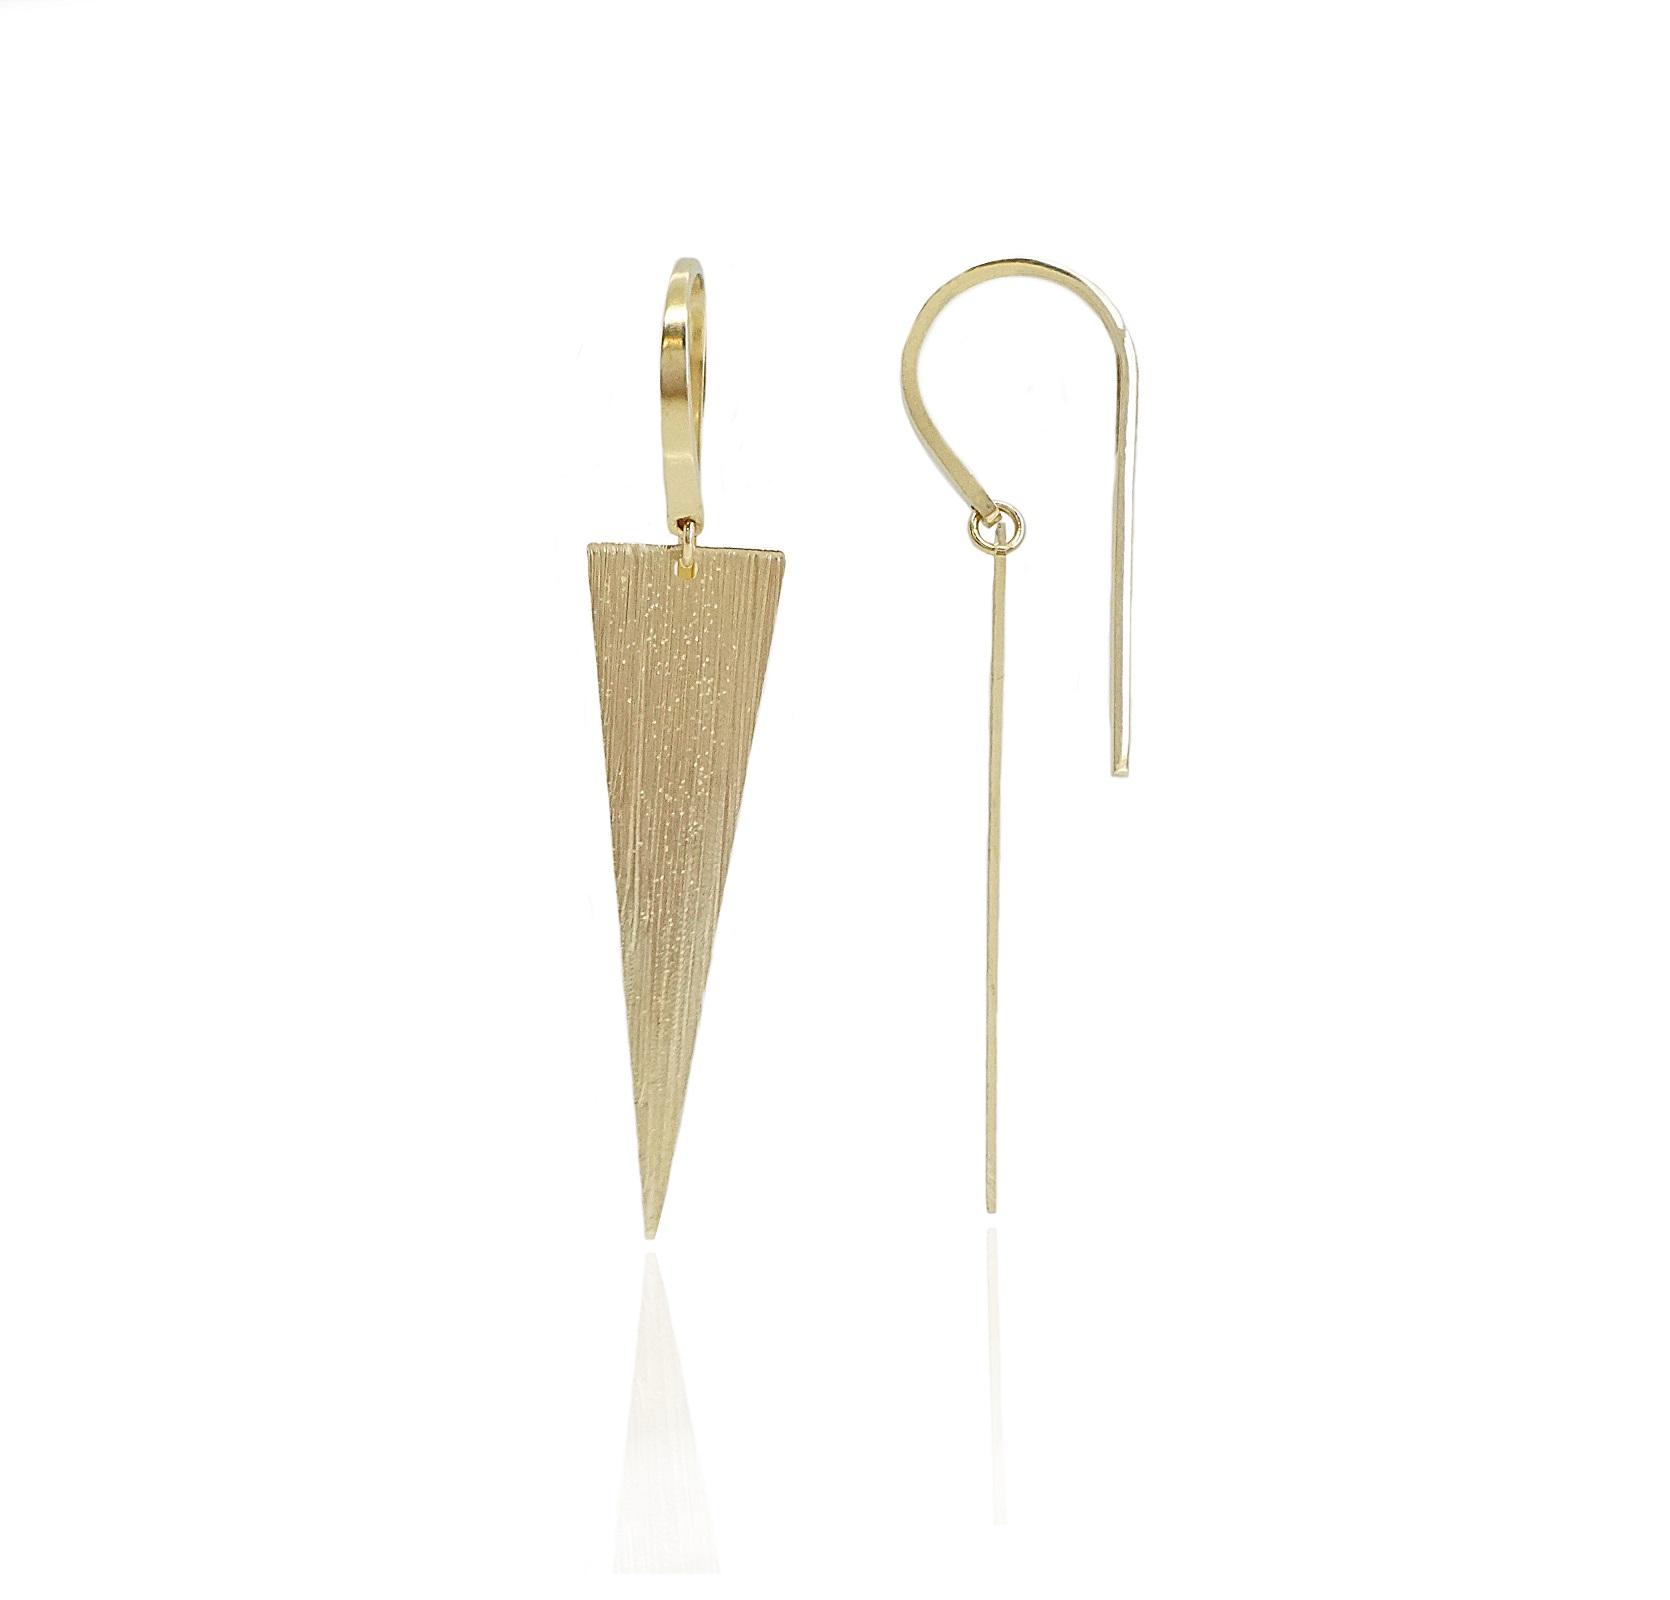 עגילי זהב משולש נופלים מיוחדים